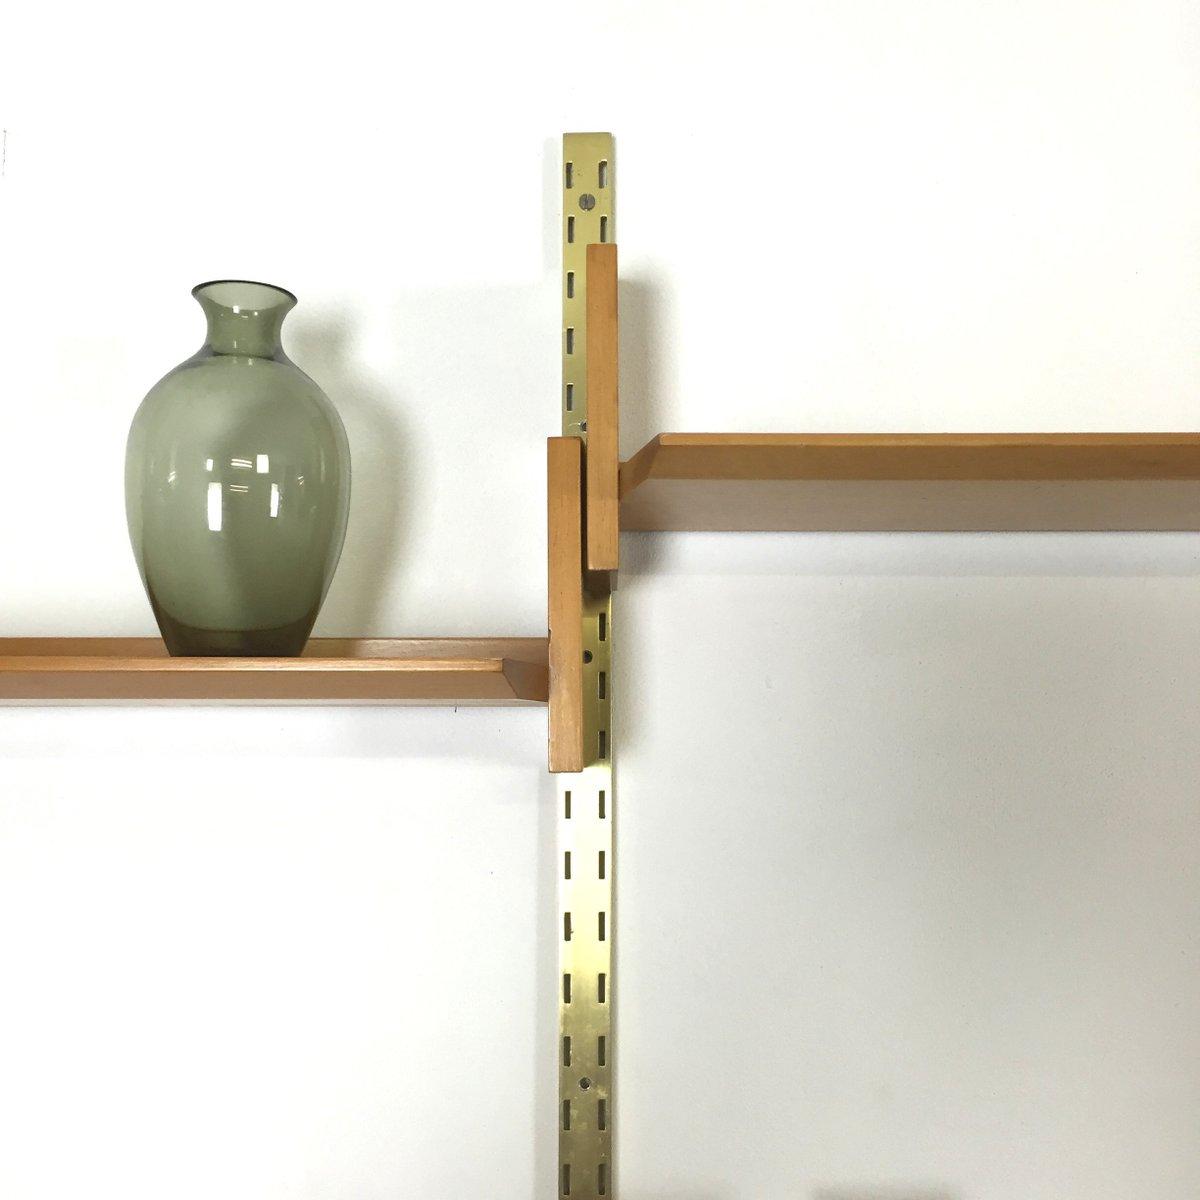 wk 192 modulares regal von dieter reinhold f r wk m bel. Black Bedroom Furniture Sets. Home Design Ideas